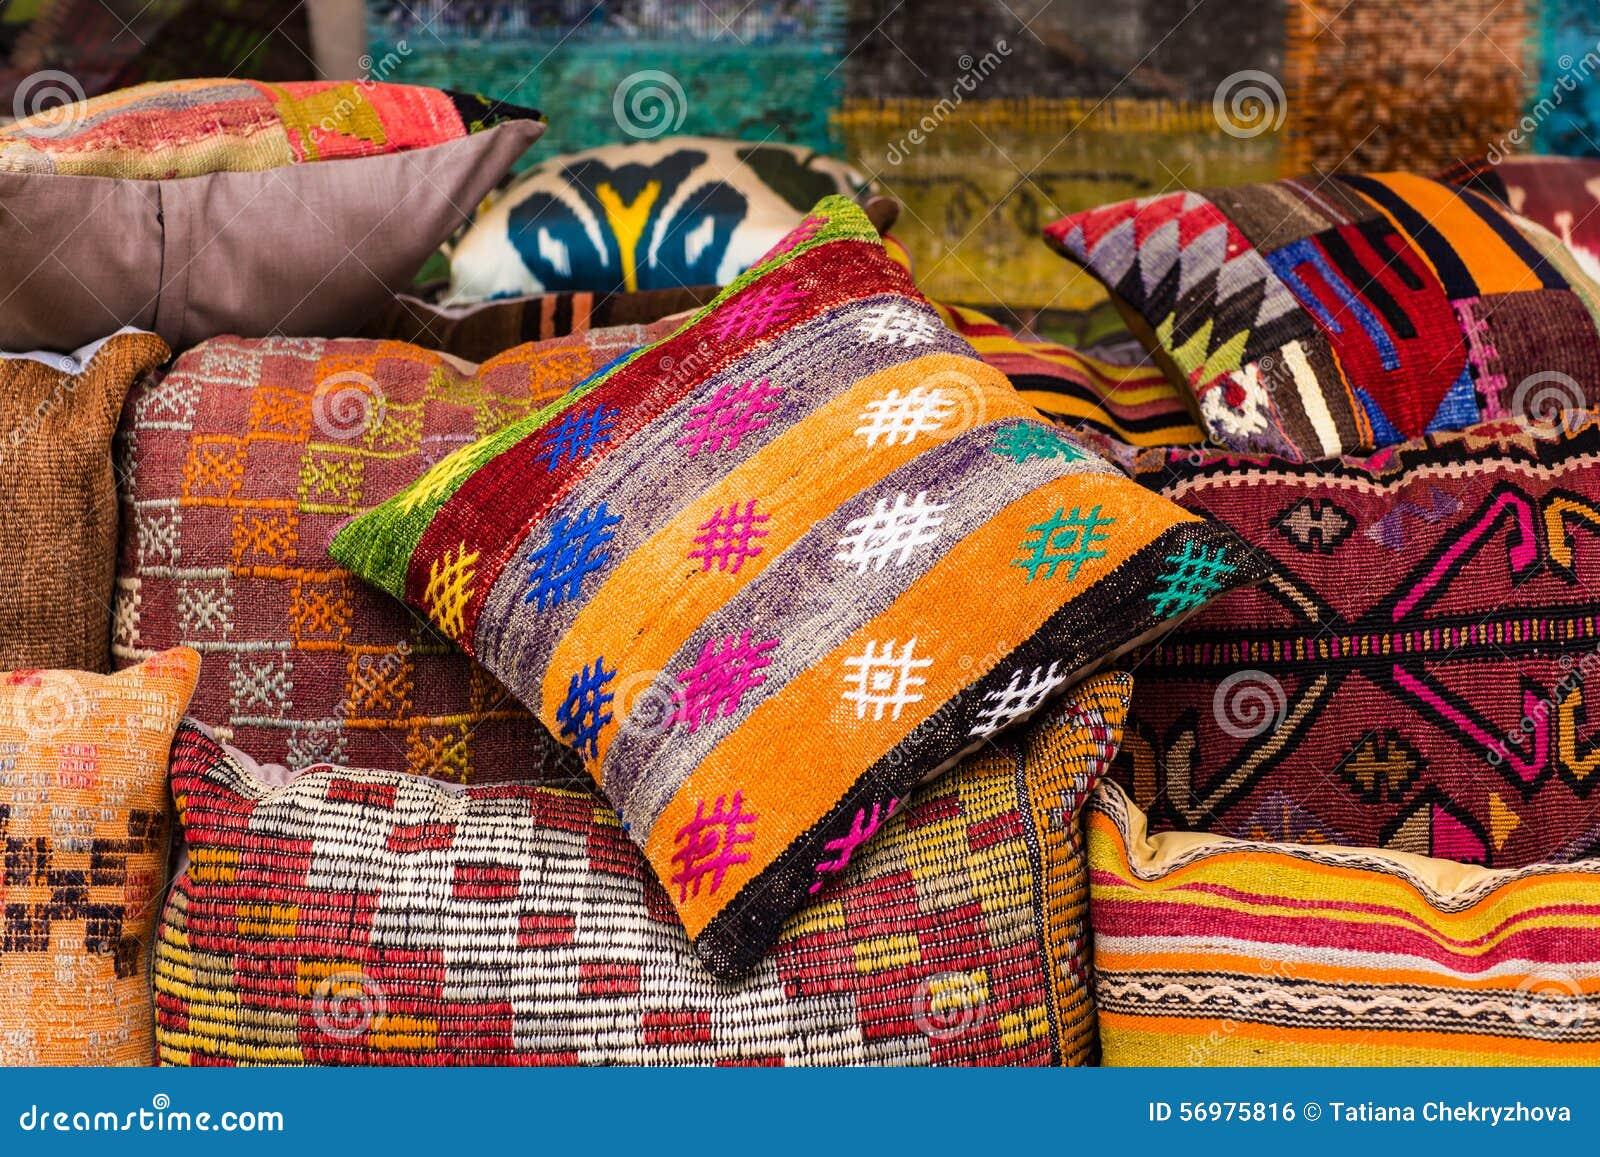 Kissen Orientalisch.Orientalische Kissen Stockfoto Bild Von Luxus Arabien